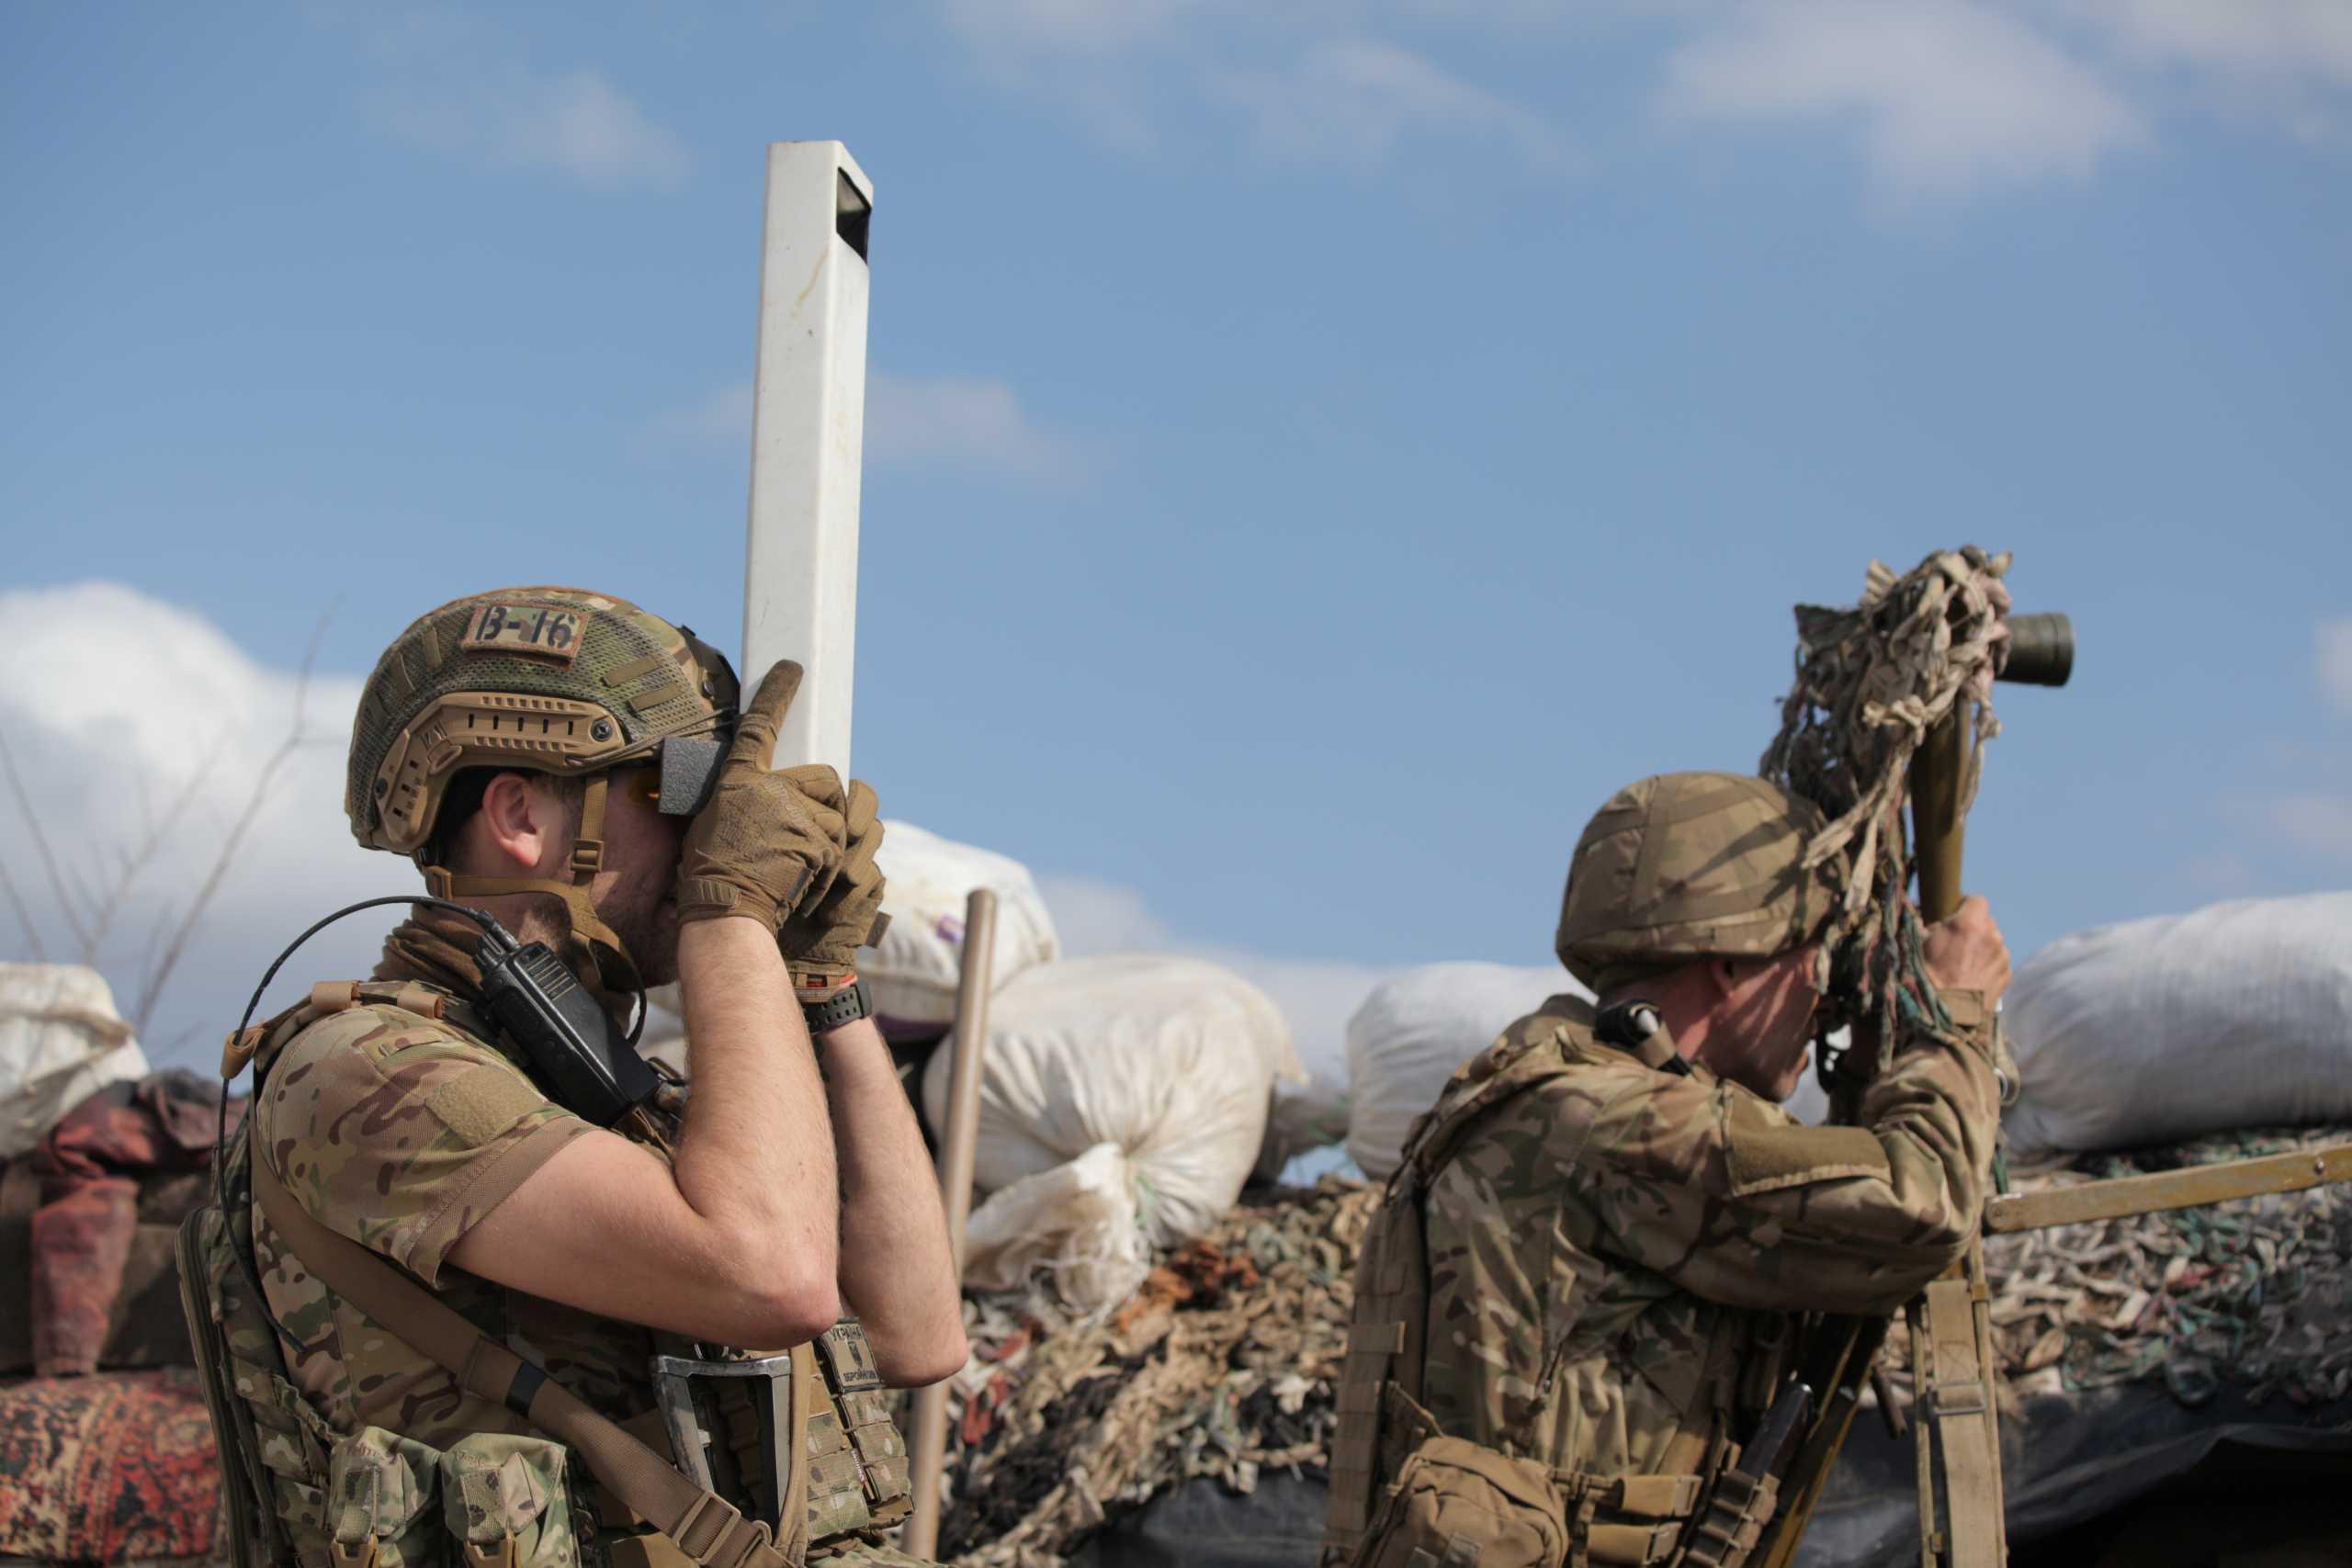 Ρωσία: Οσο χρειάζεται θα μείνουν οι στρατιώτες κοντά στα σύνορα με την Ουκρανία